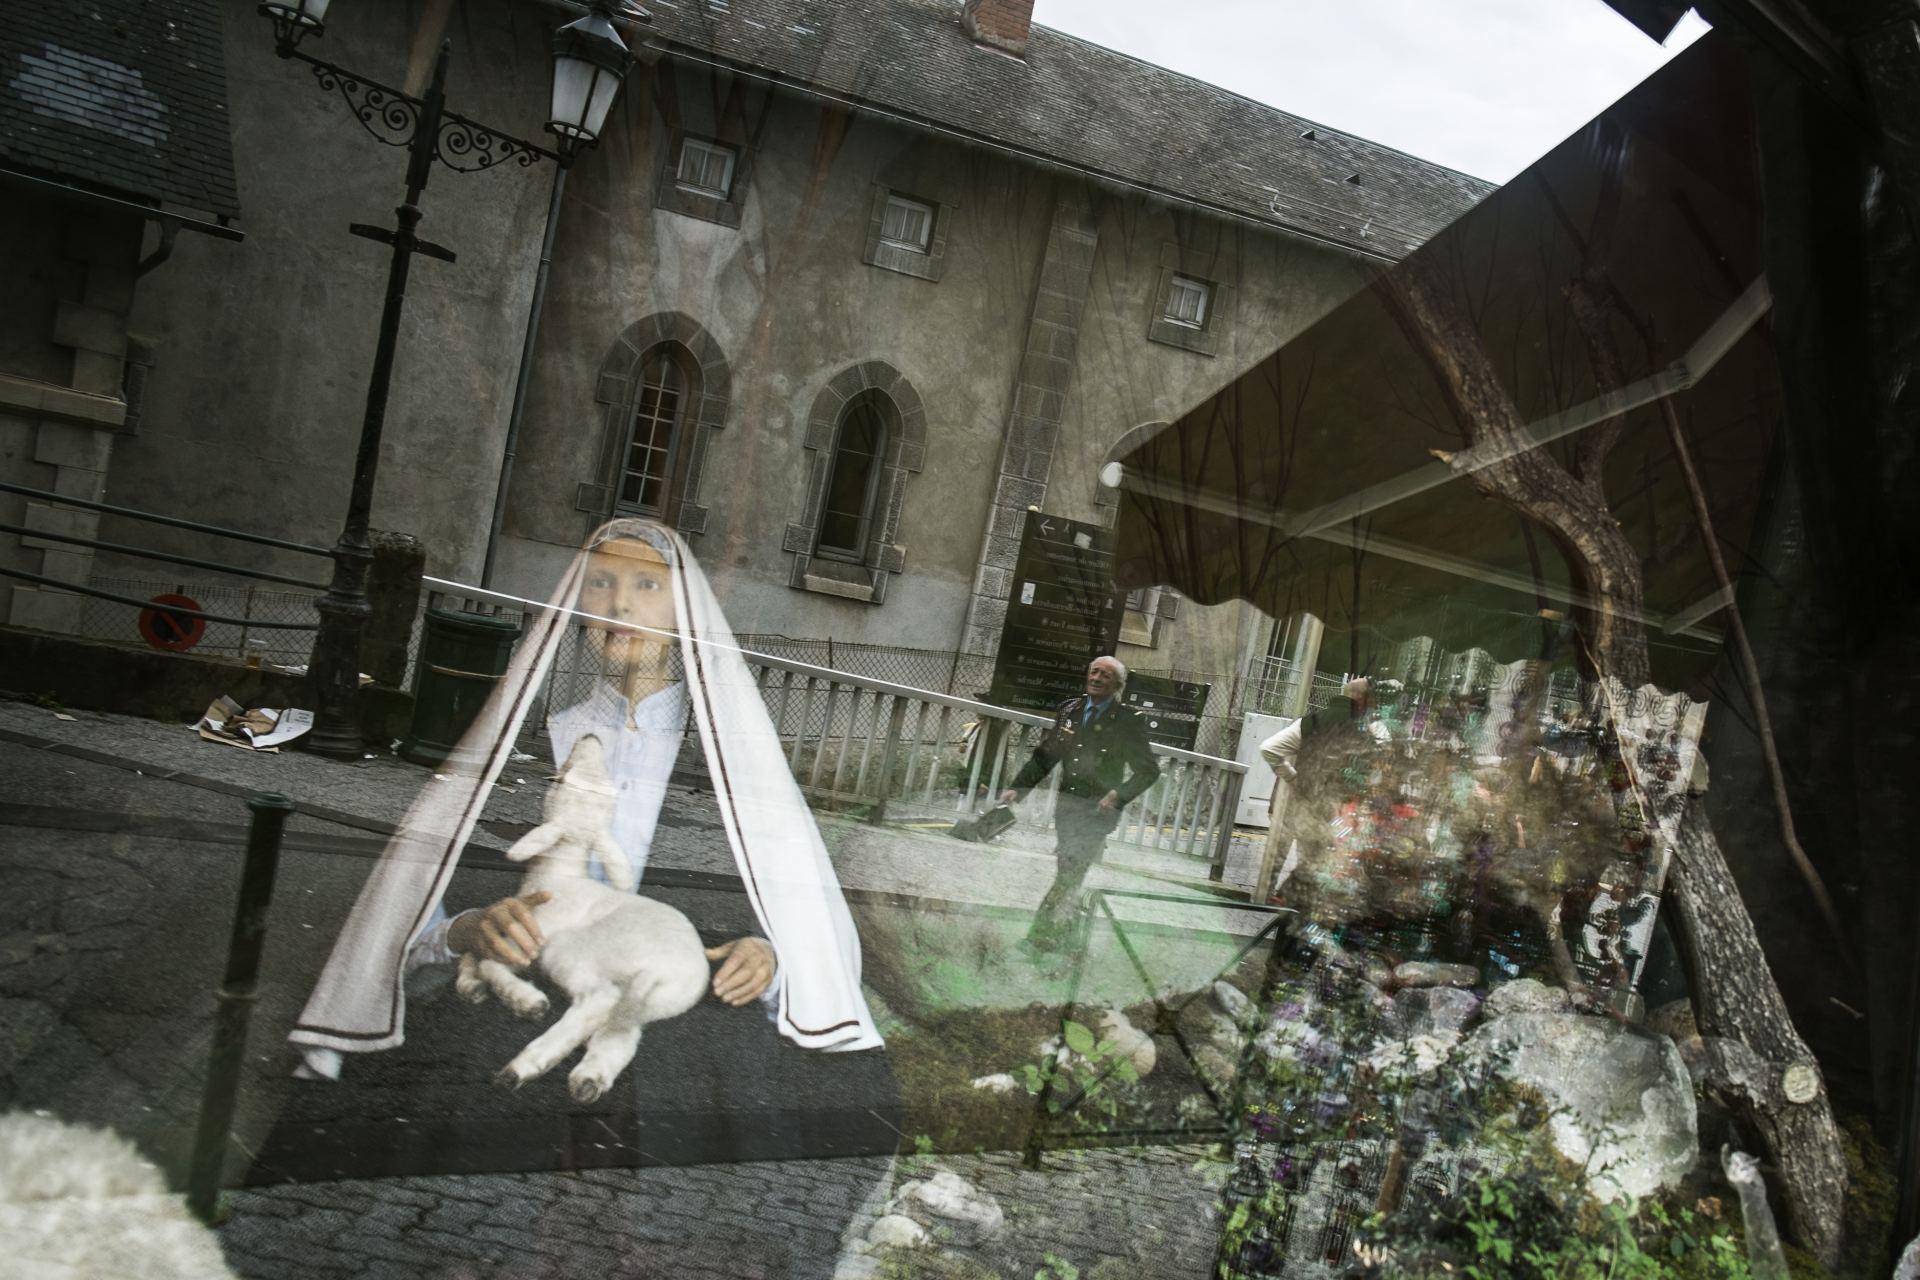 паломничество в Лурд, Франция_9